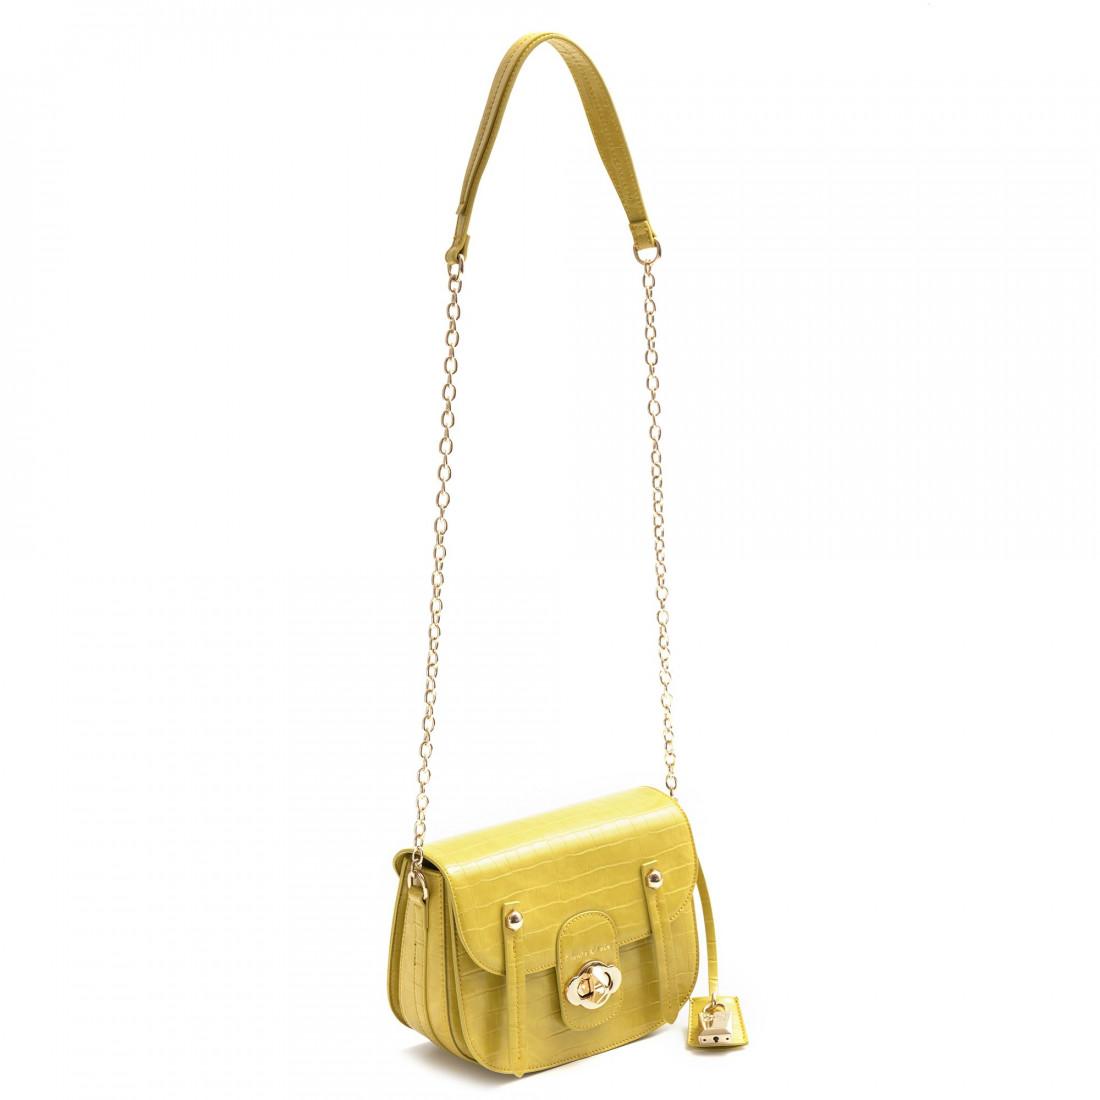 handbags woman manila grace b232euma012 8180